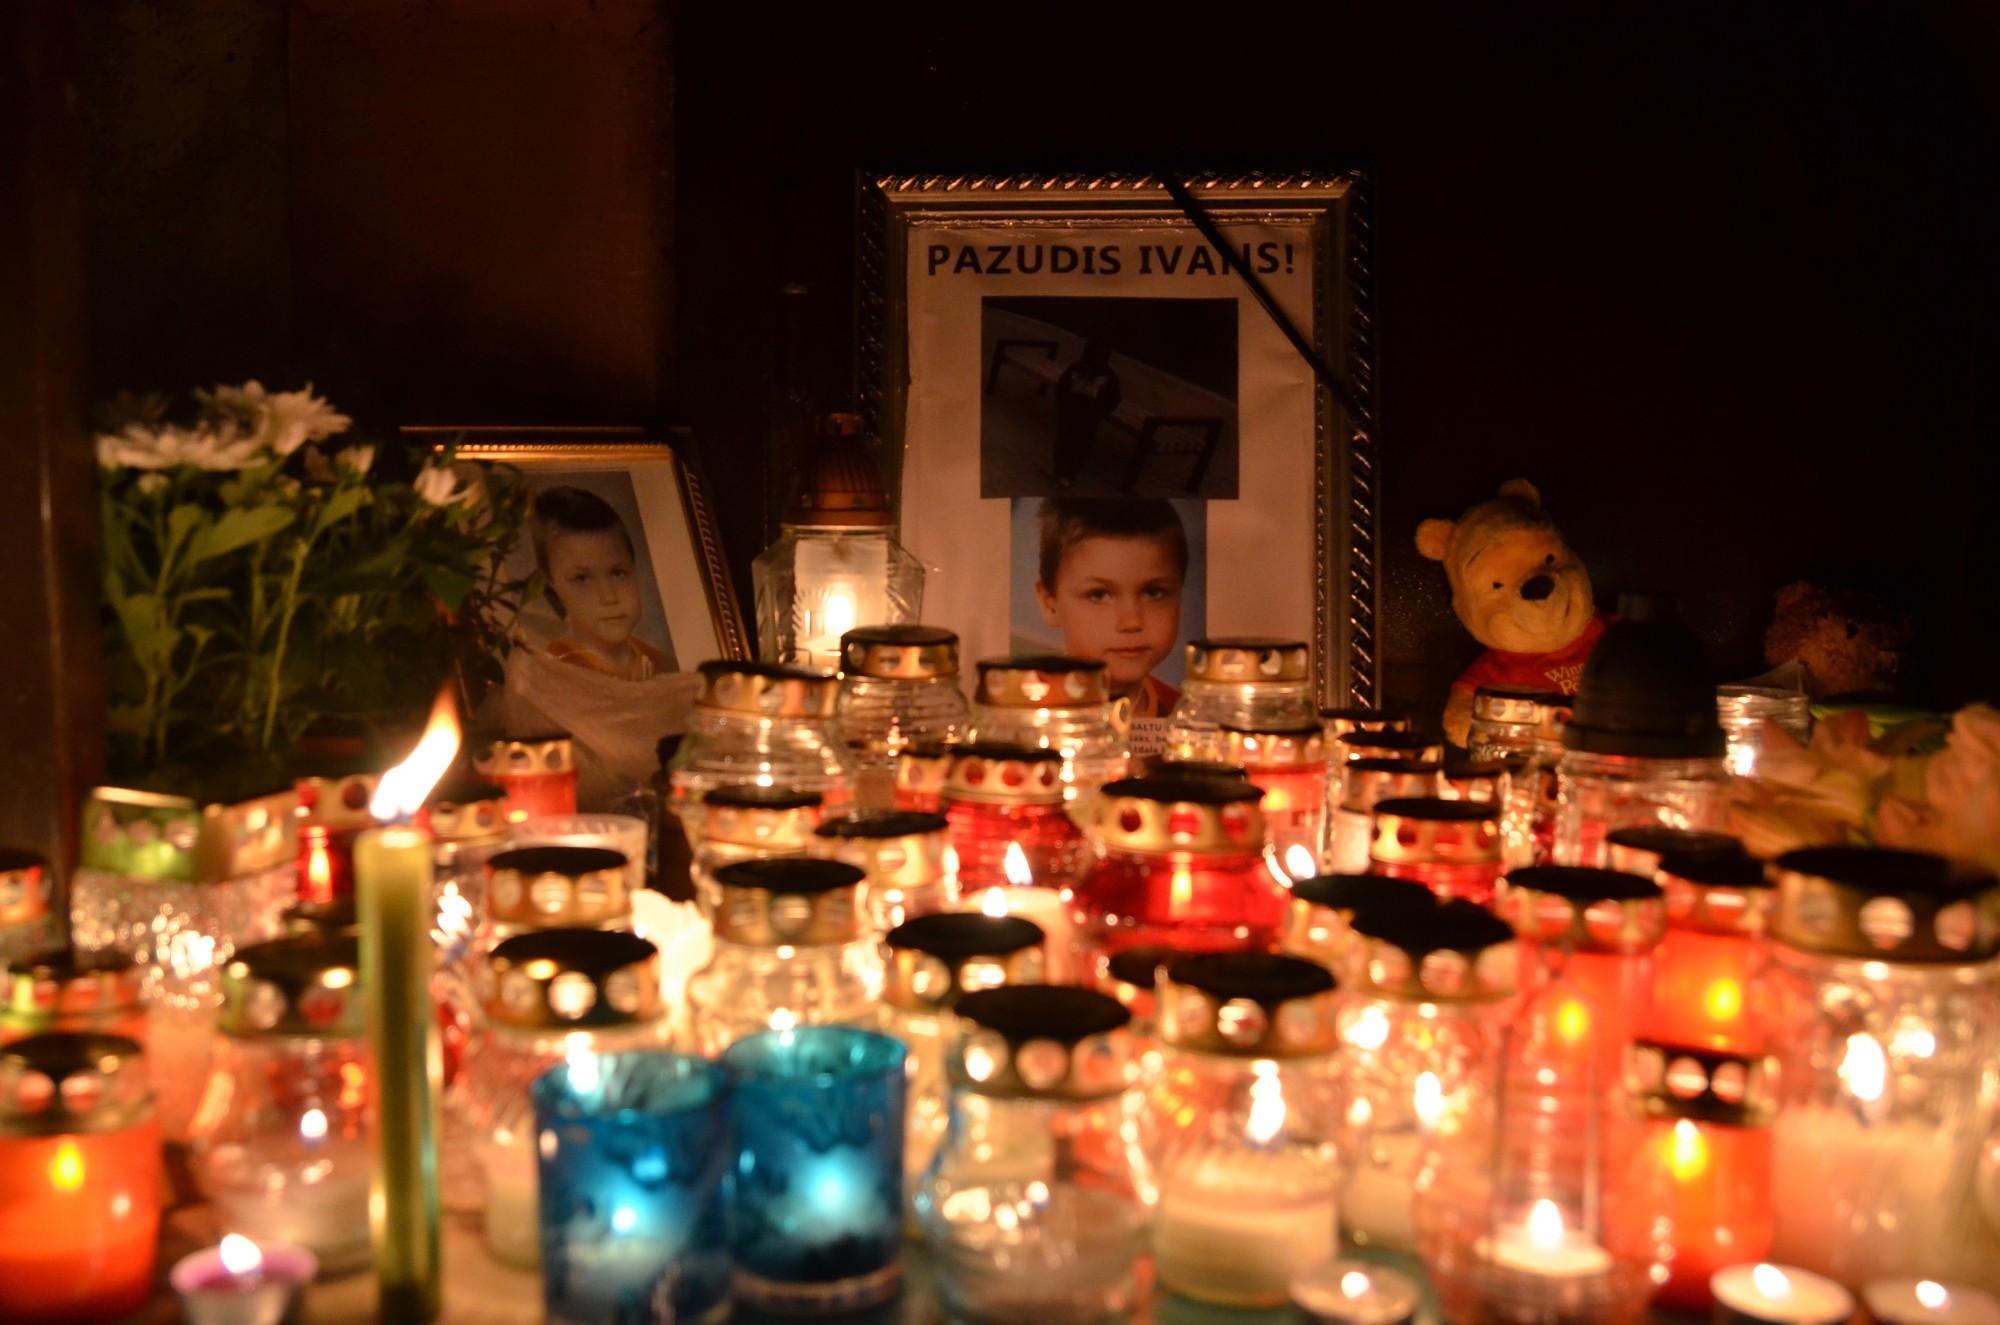 Предъявлено обвинение по делу о гибели Вани; продолжается расследование по еще одному уголовному процессу, связанному с этой трагедией